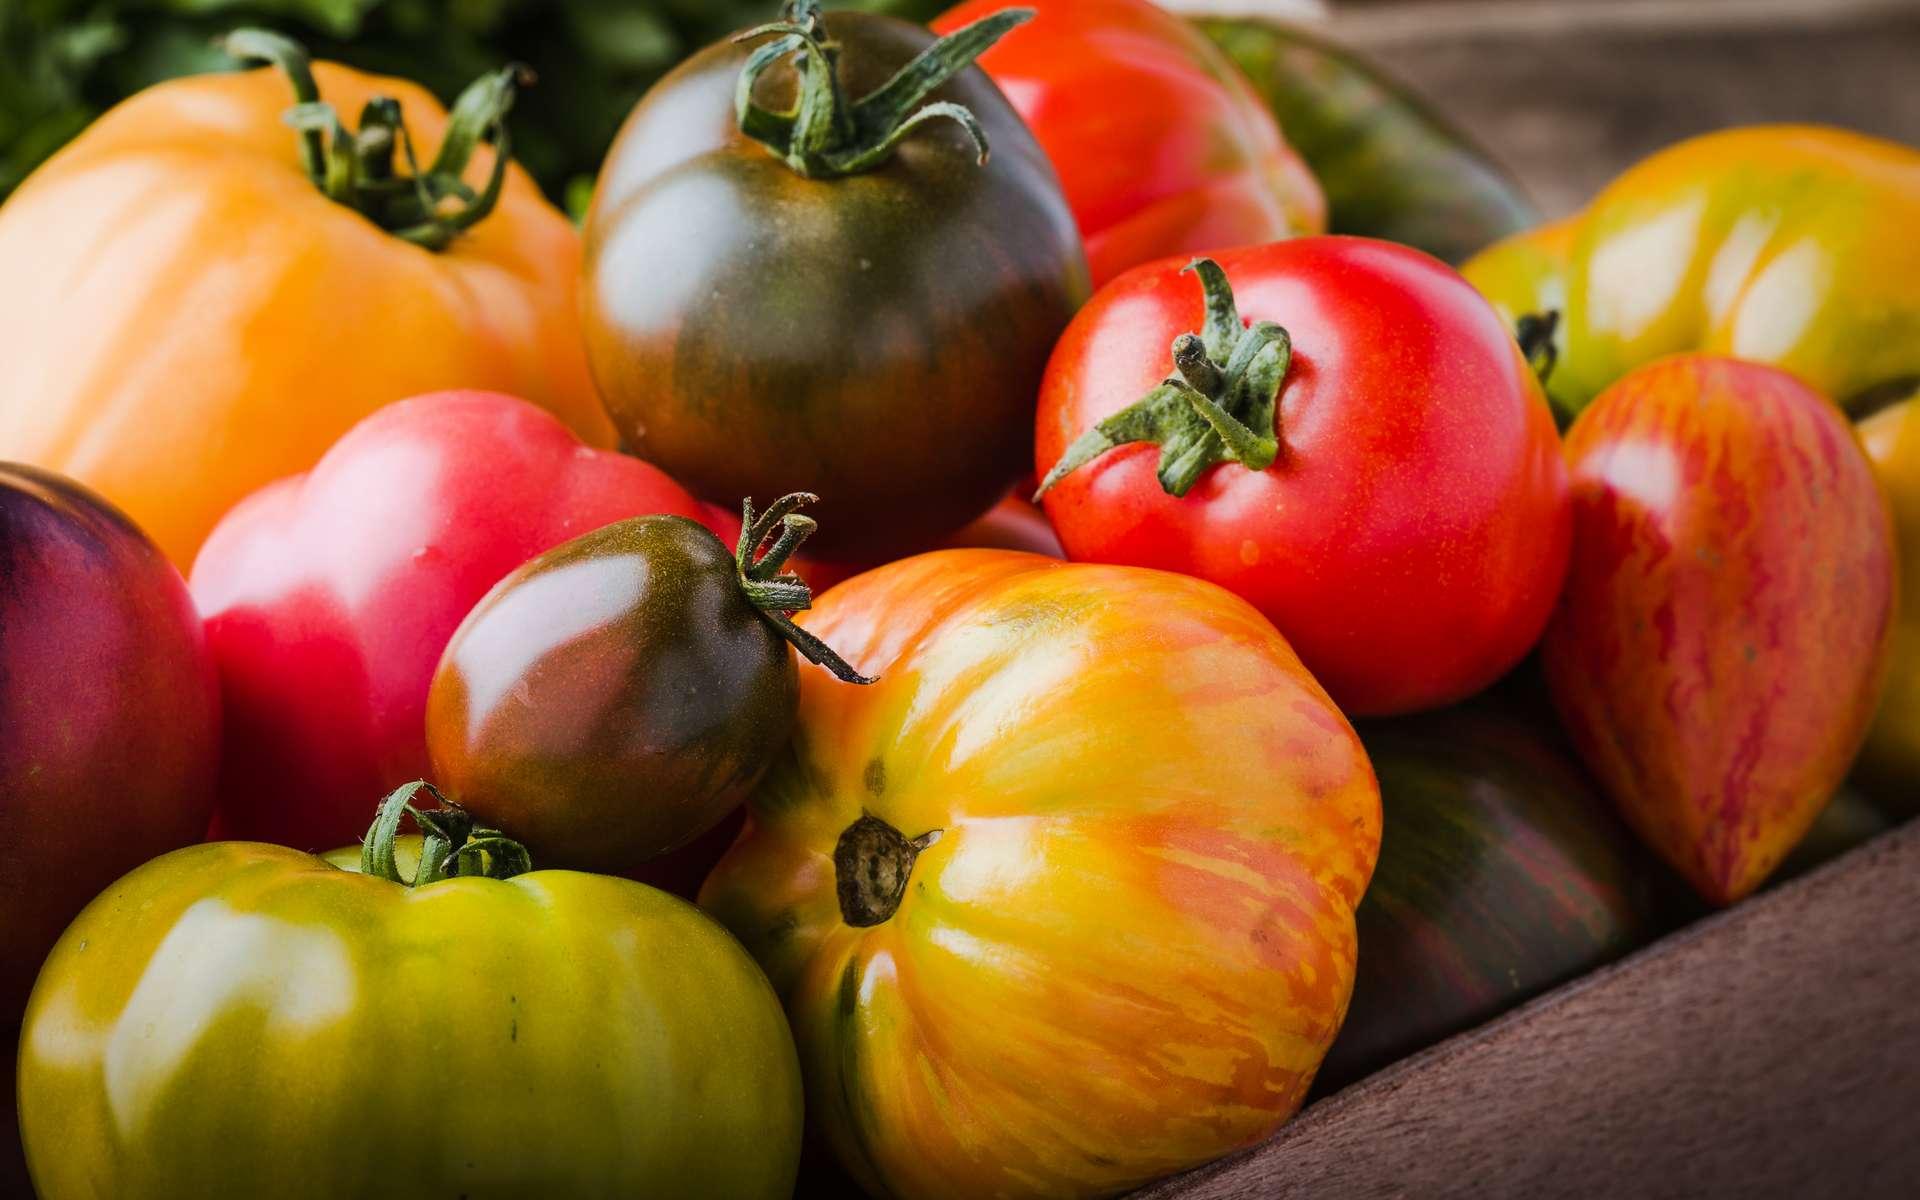 L'Agence de sécurité sanitaire met en garde contre un nouveau virus attaquant les tomates, mais aussi les poivrons et les piments. Une première exploitation dans le Finistère vient d'être déclarée contaminée. © istetiana, Adobe Stock